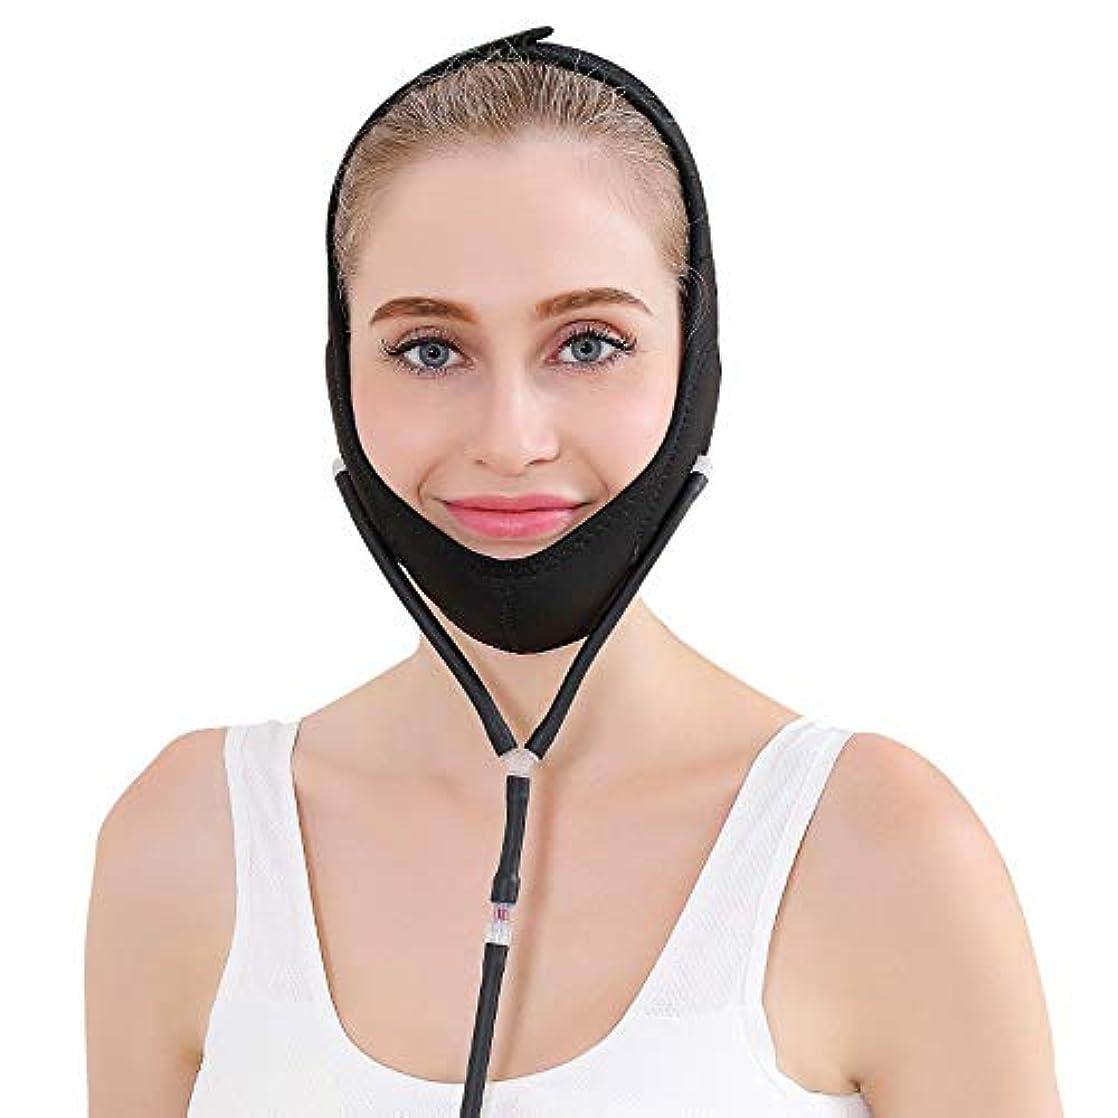 依存遠えボーナスYOE(ヨイ) エアー 顔やせ マスク 小顔 ほうれい線 空気入れ エアーポンプ 顔のエクササイズ フェイスリフト レディース (フリーサイズ, ブラック)